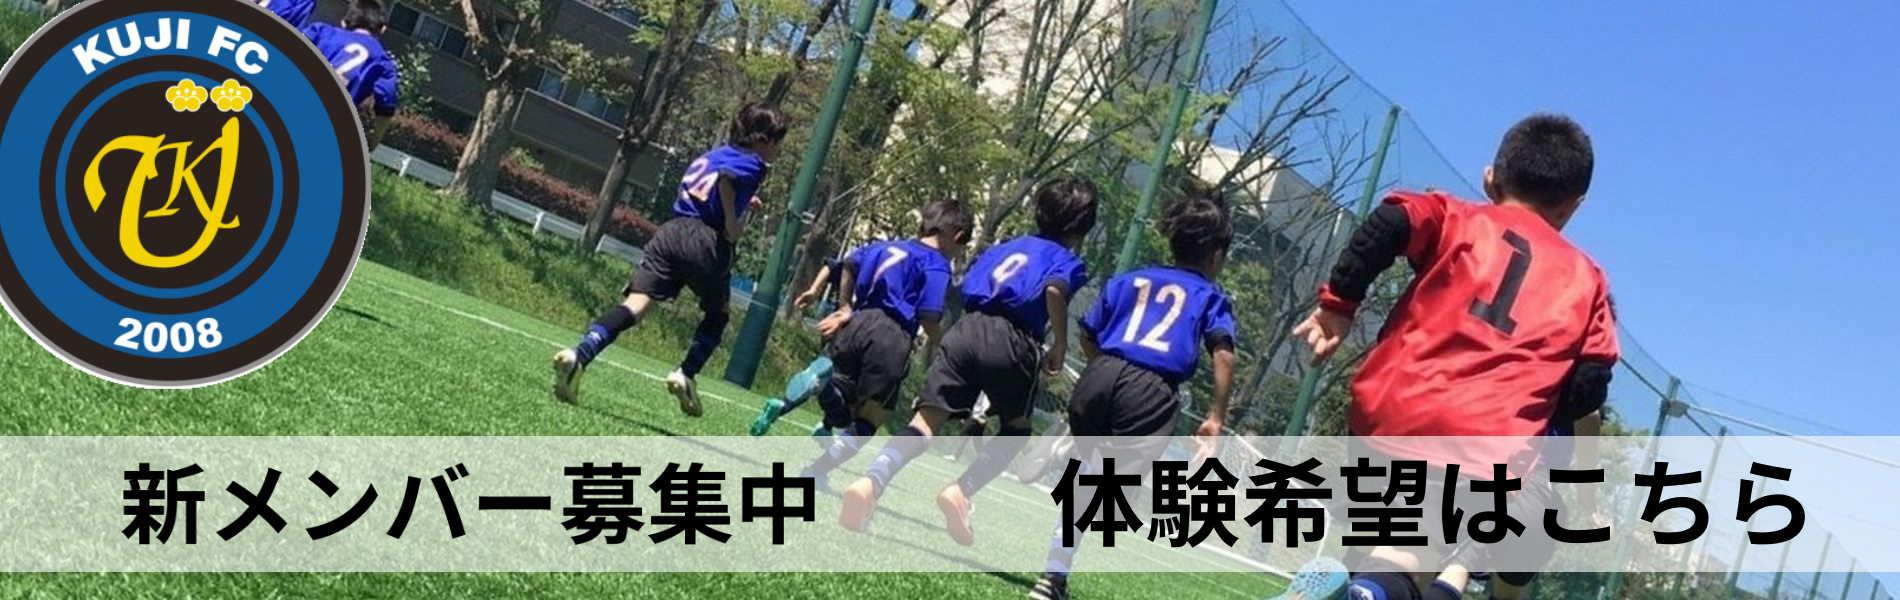 久地FC 新メンバー大募集中です!